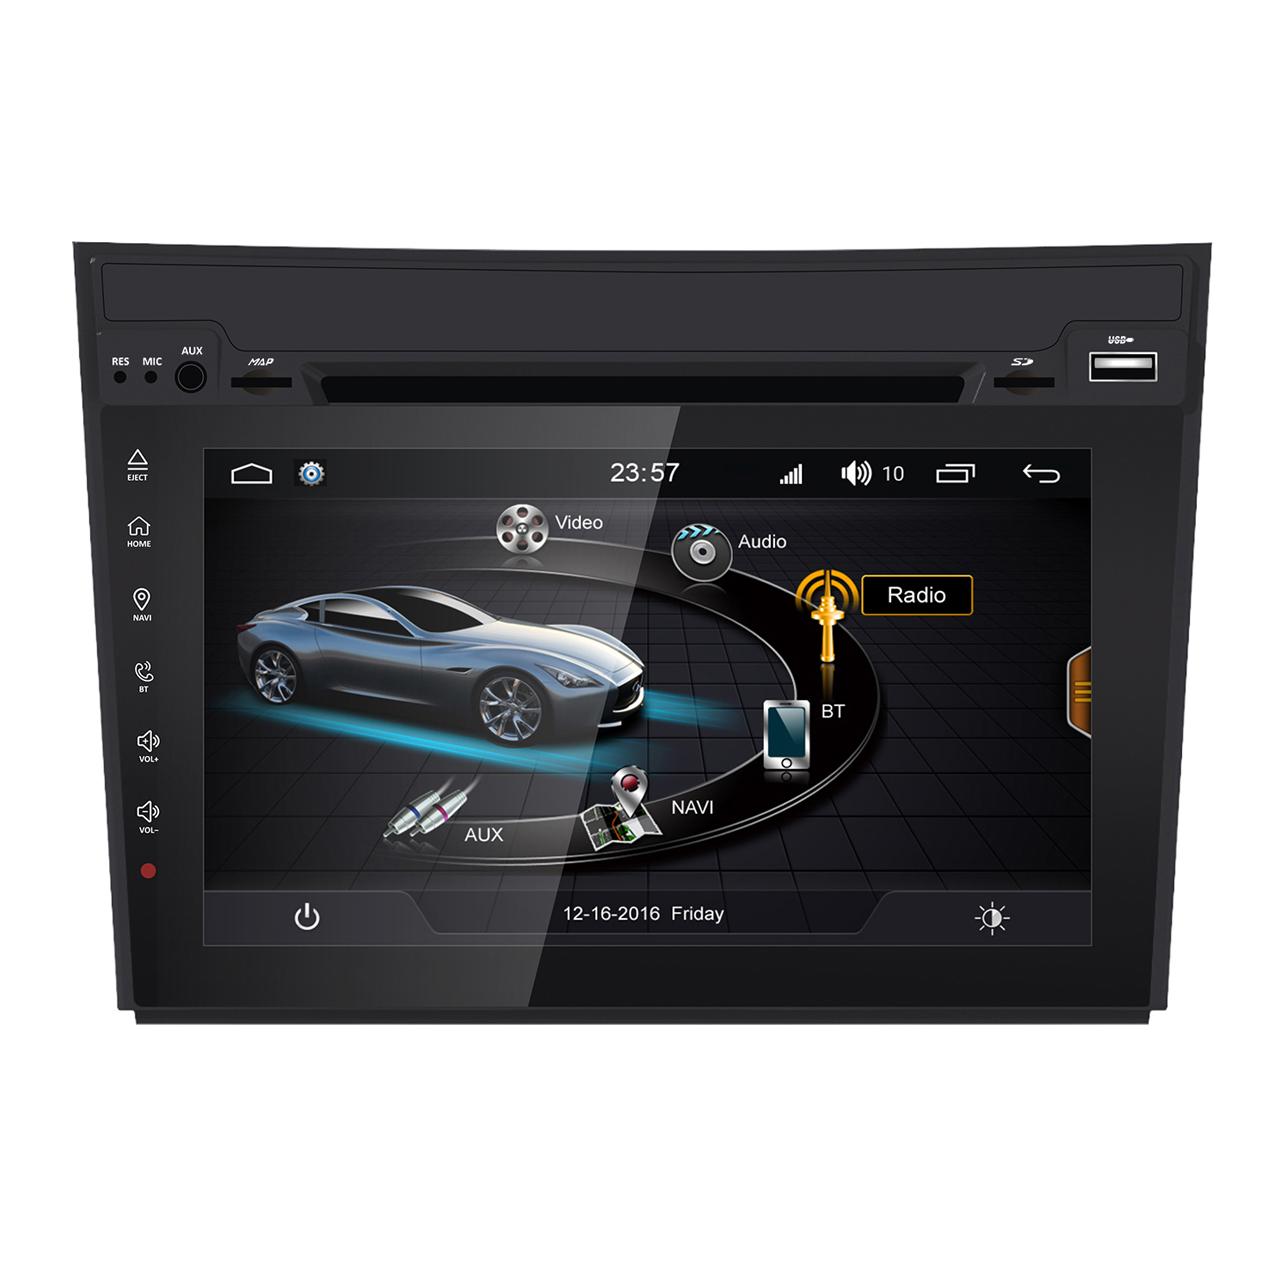 خرید اینترنتی پخش کننده خودرو وینکا مدل L1010 اورجینال